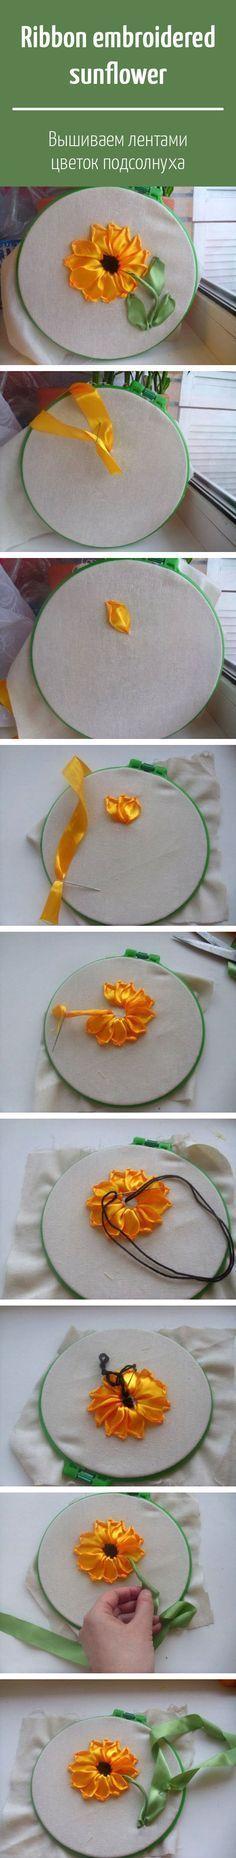 Вышить подсолнух лентами? Легко! Осваиваем создание интересного элемента декора / Ribbon embroidered sunflower #SilkRibbonEmbroidery